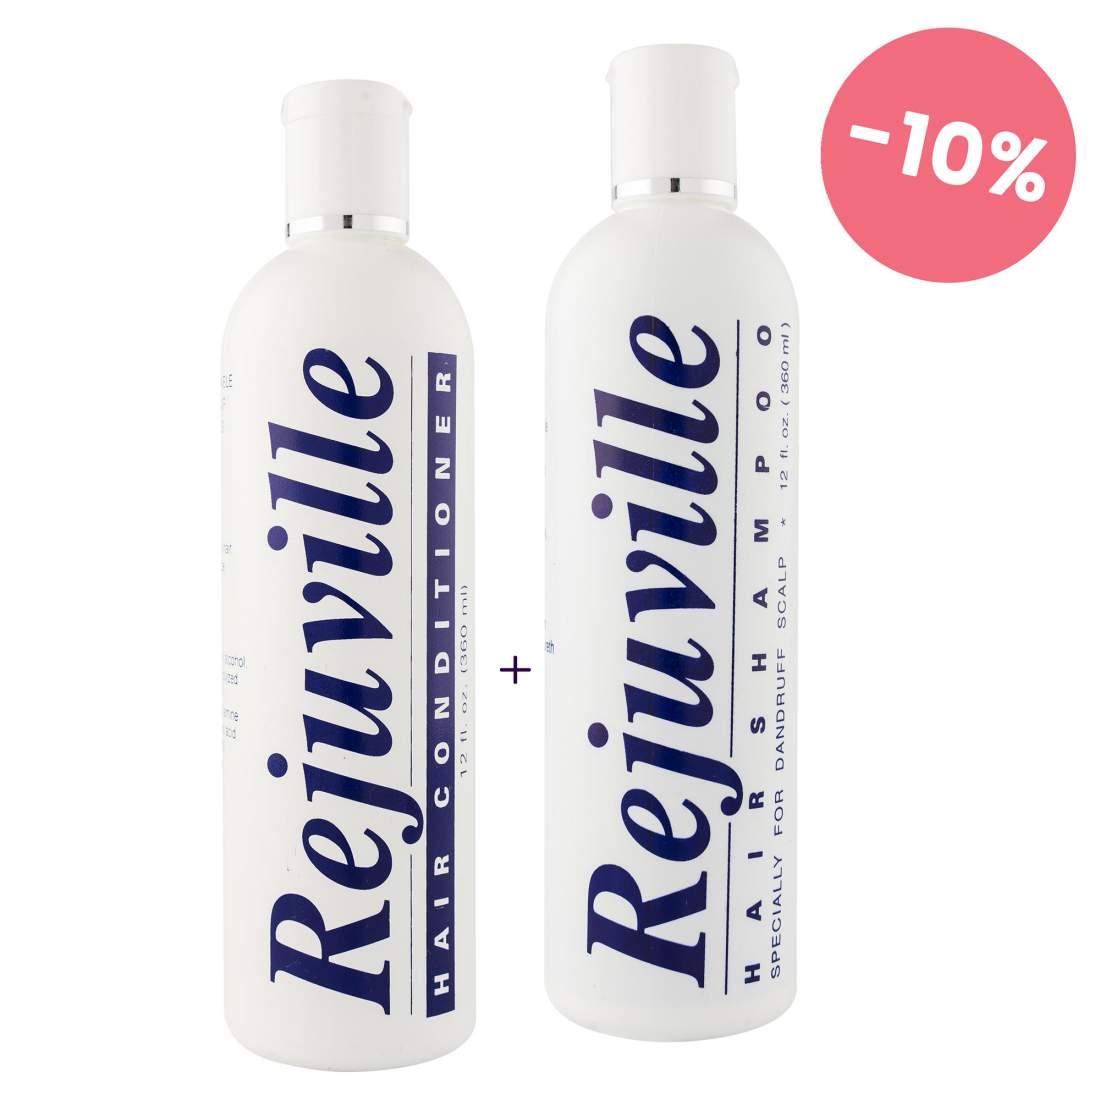 Korpásodás elleni hajápoló csomag - Rejuville Hair Shampoo&Conditioner